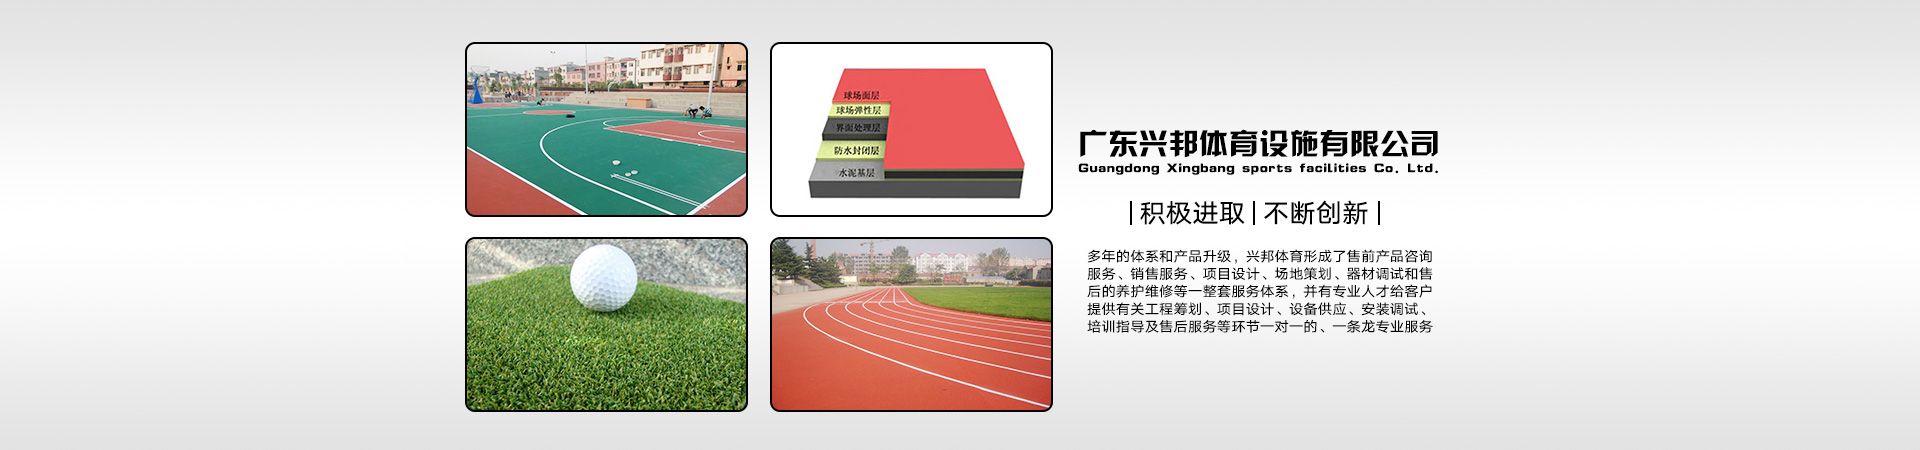 广东兴邦体育设施有限公司